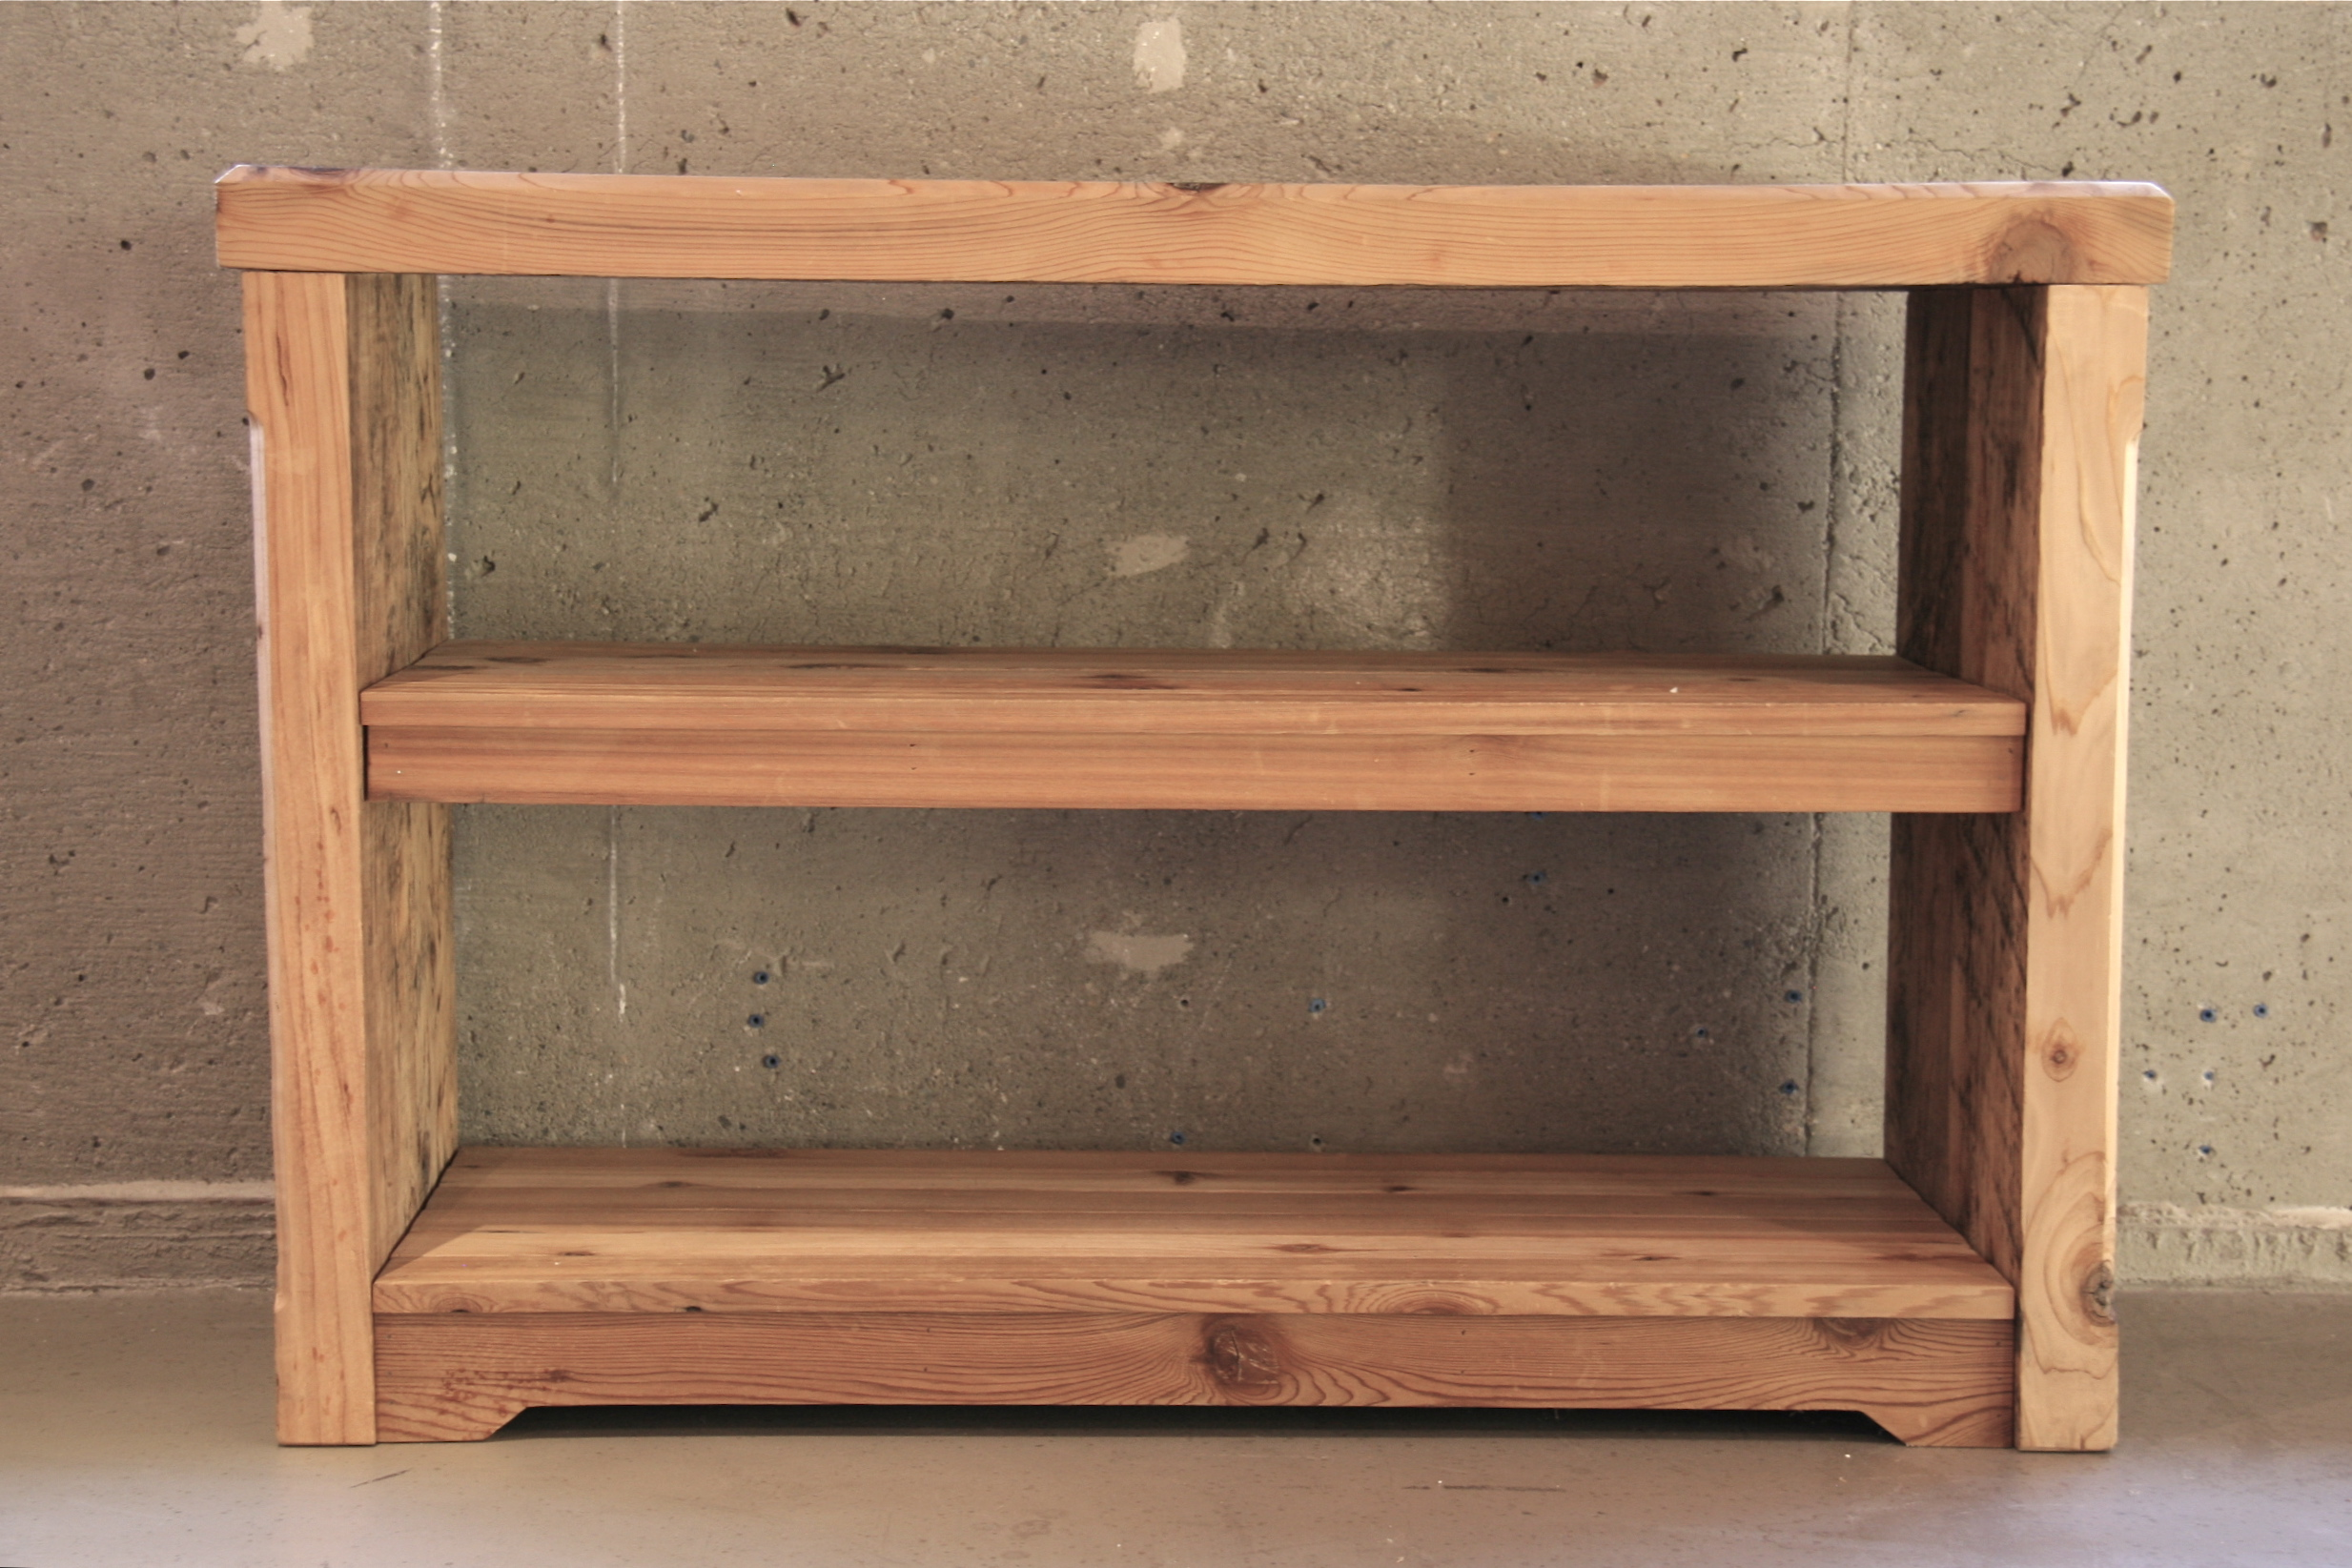 shelft front 2.JPG